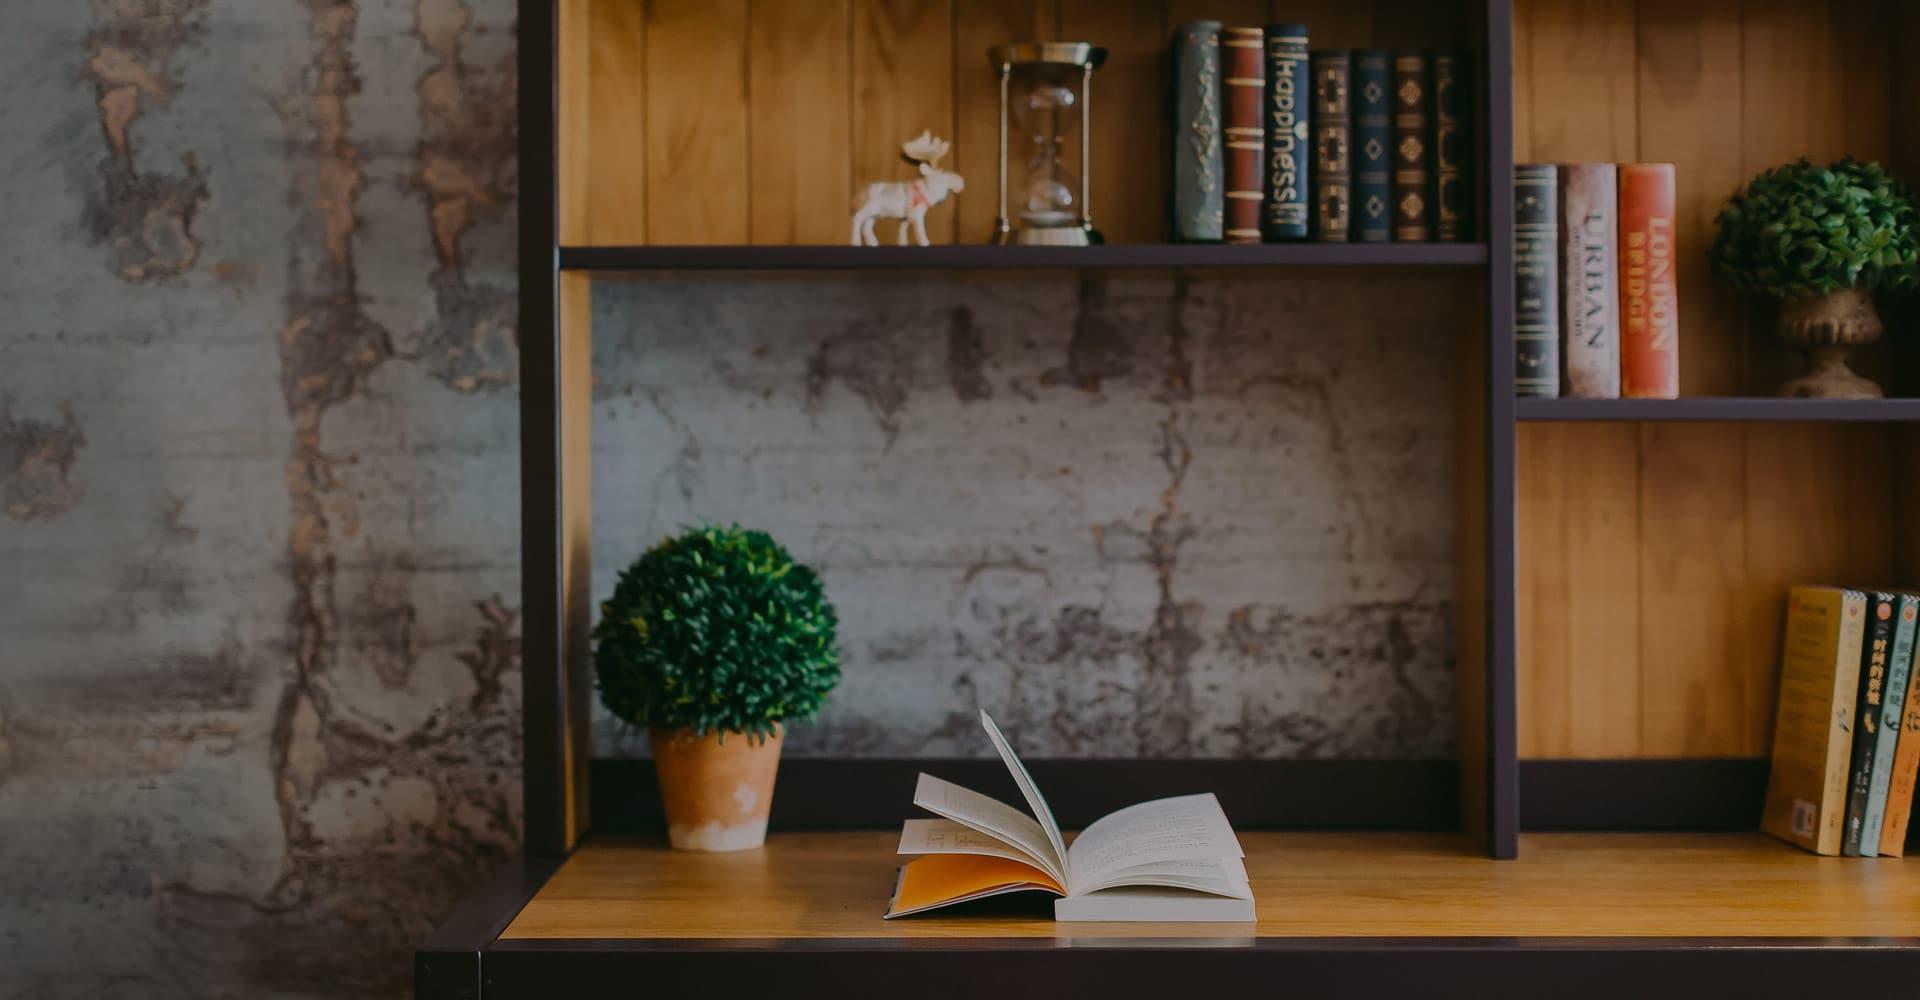 Bienvenue sur Récits d'ici, biographie et écriture collective